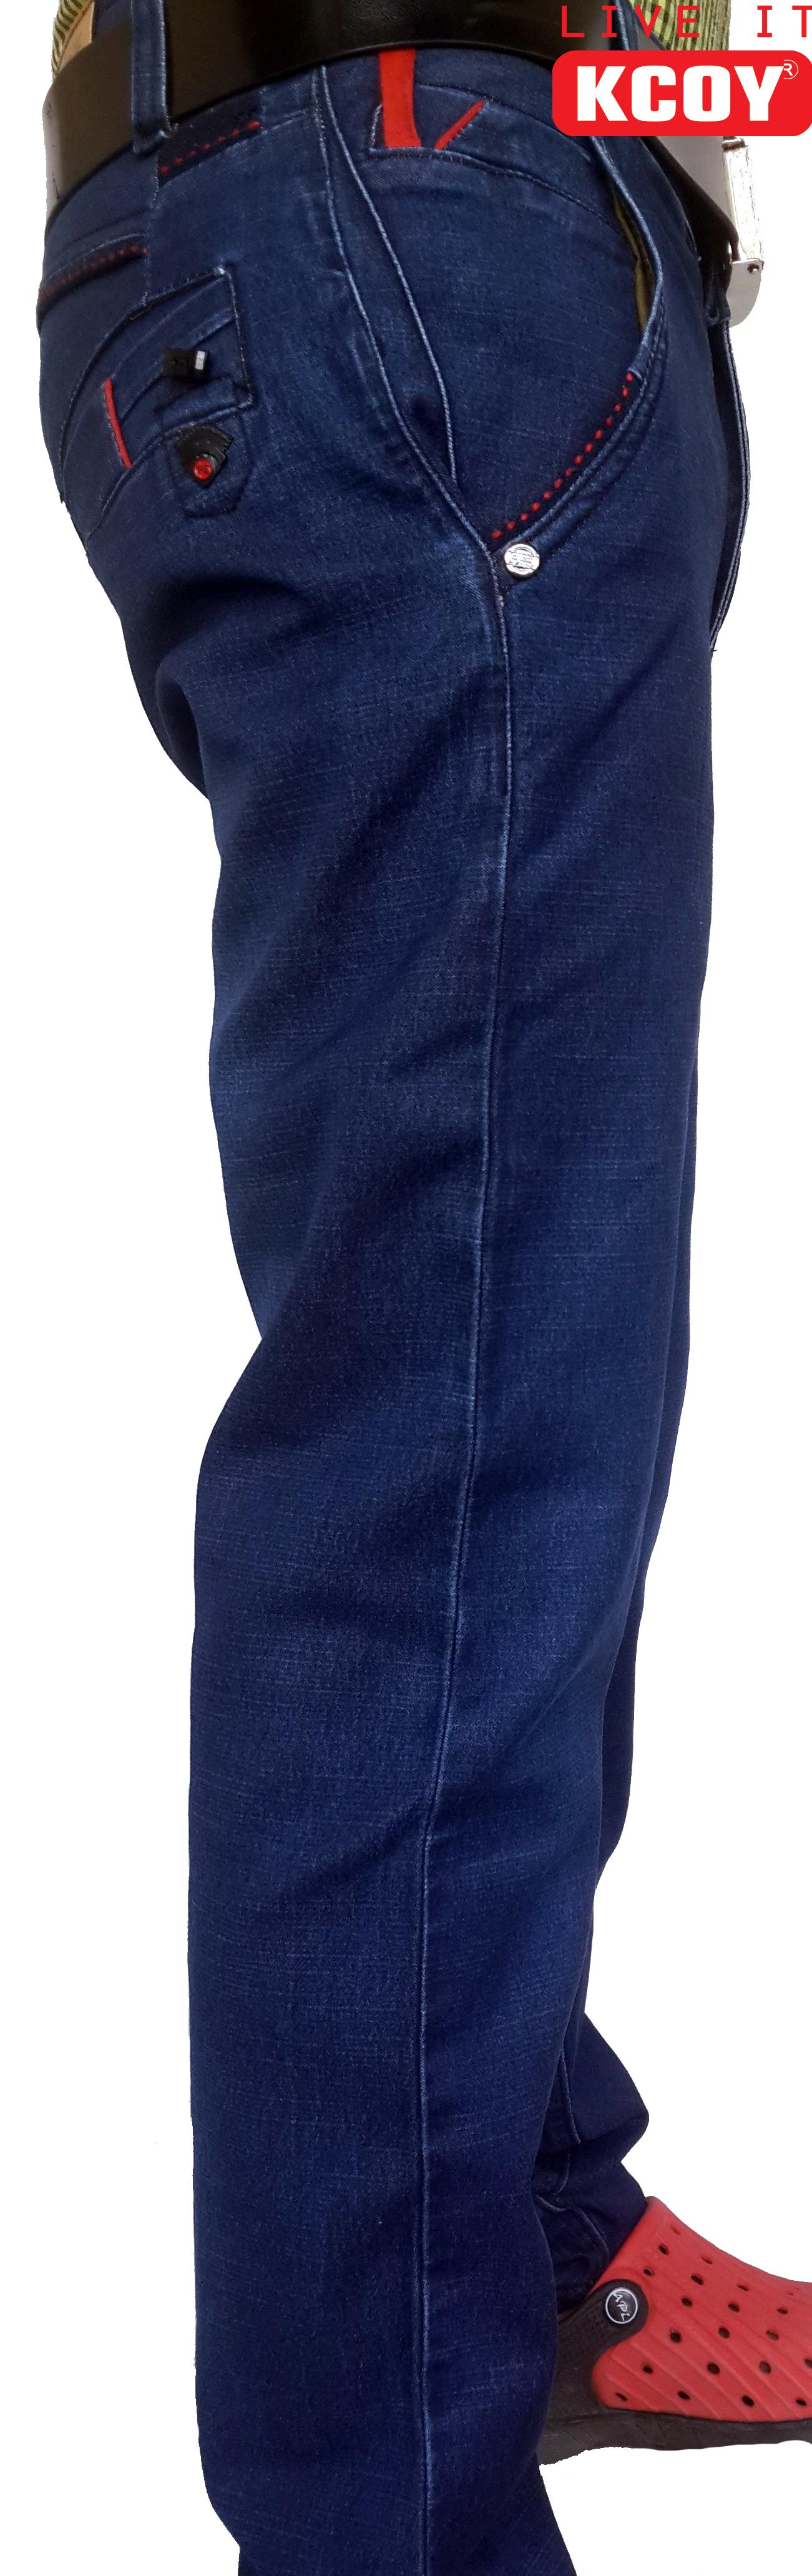 Silky Lycra Jeans